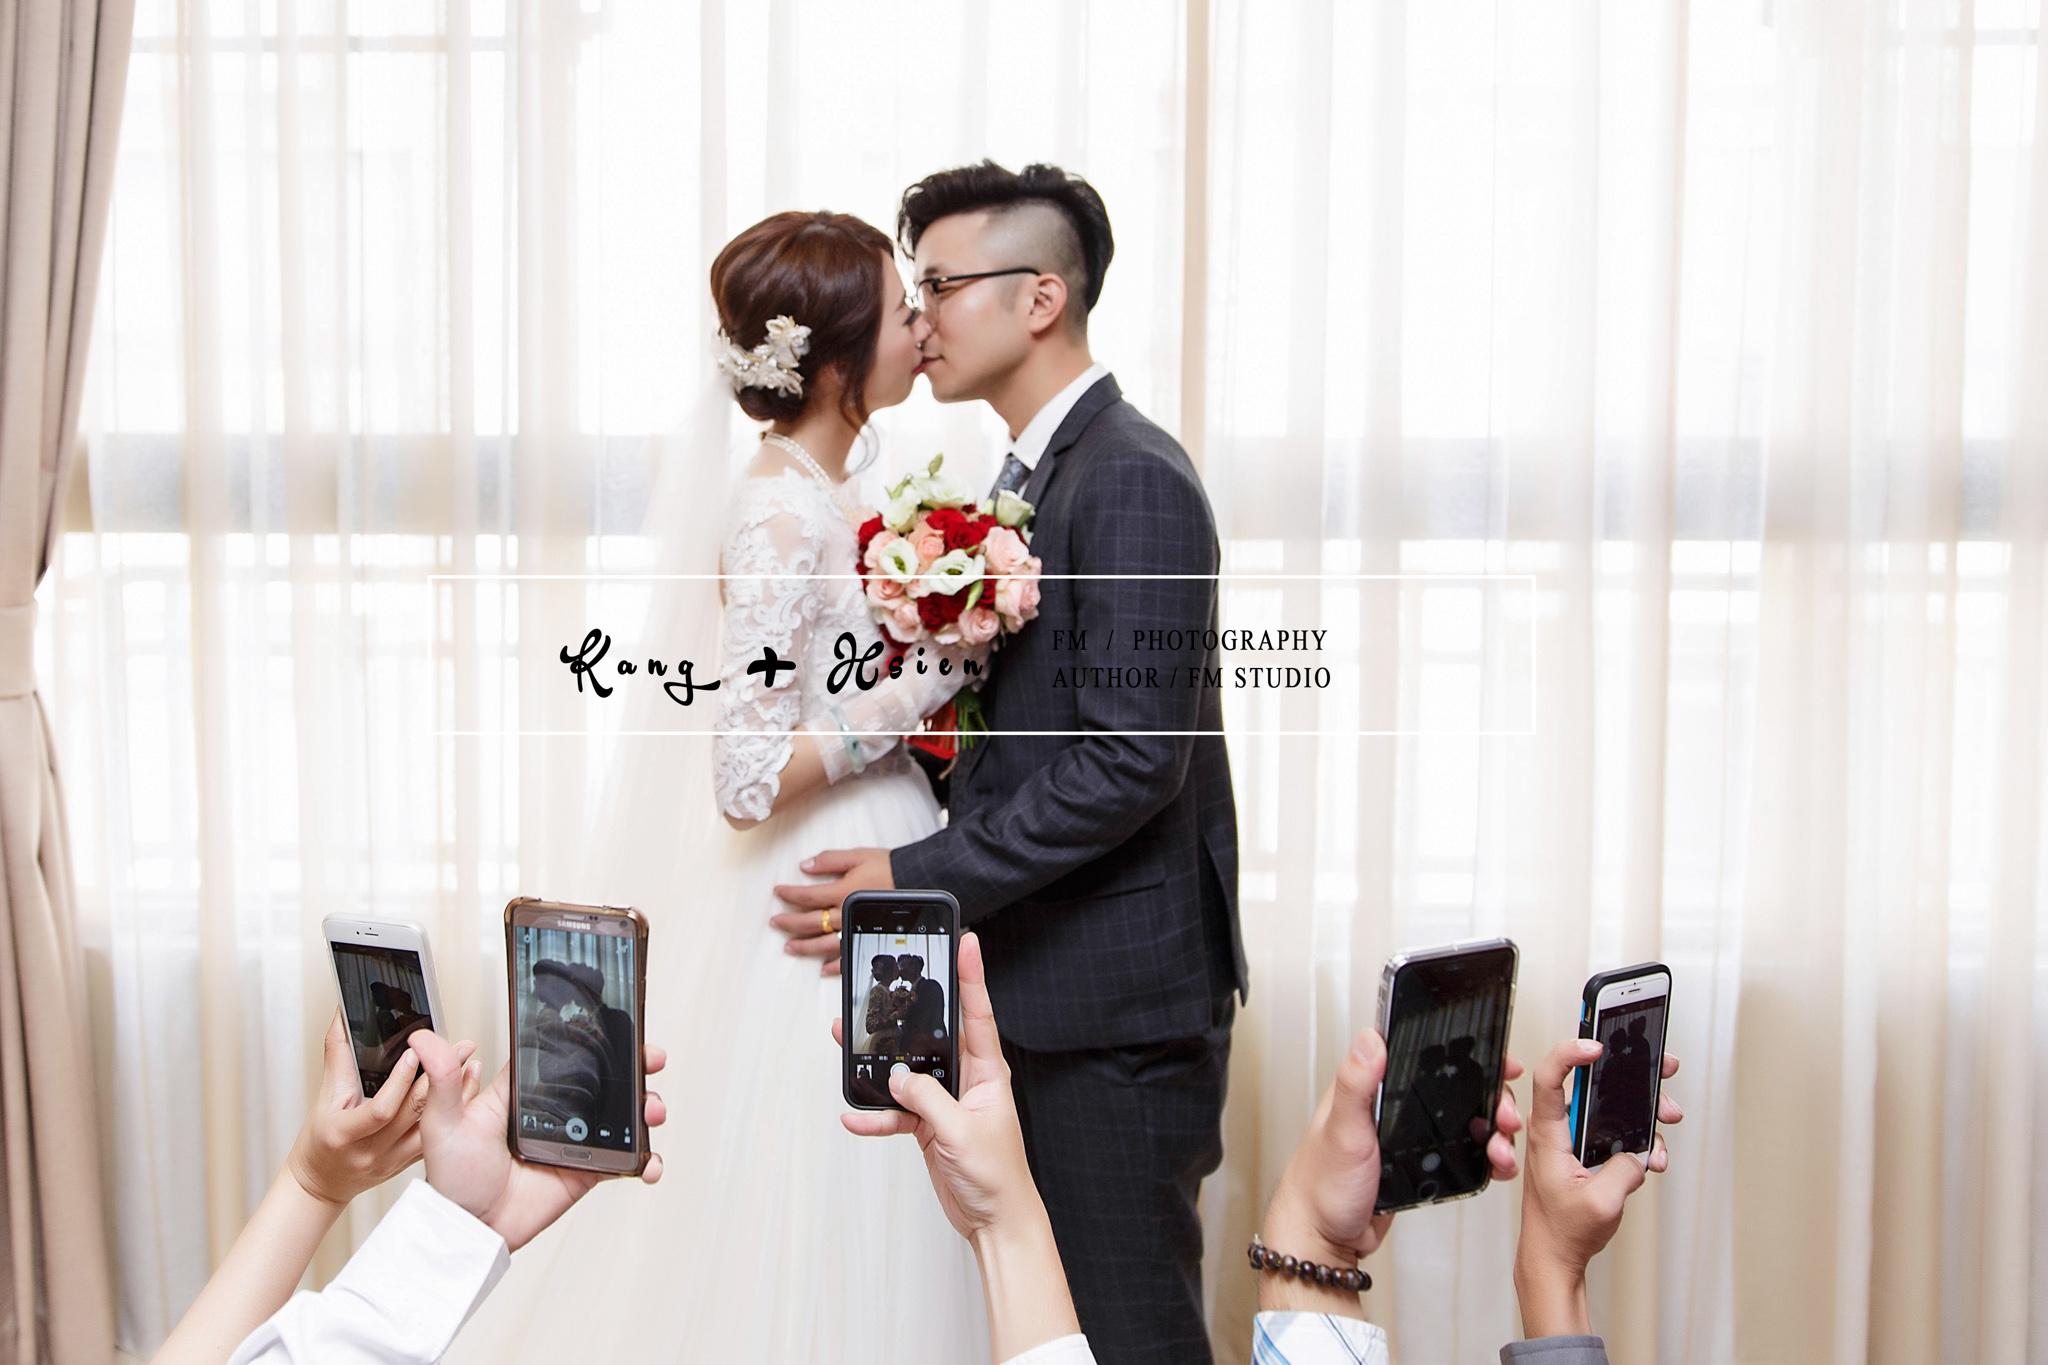 Kang+Hsien婚禮紀實